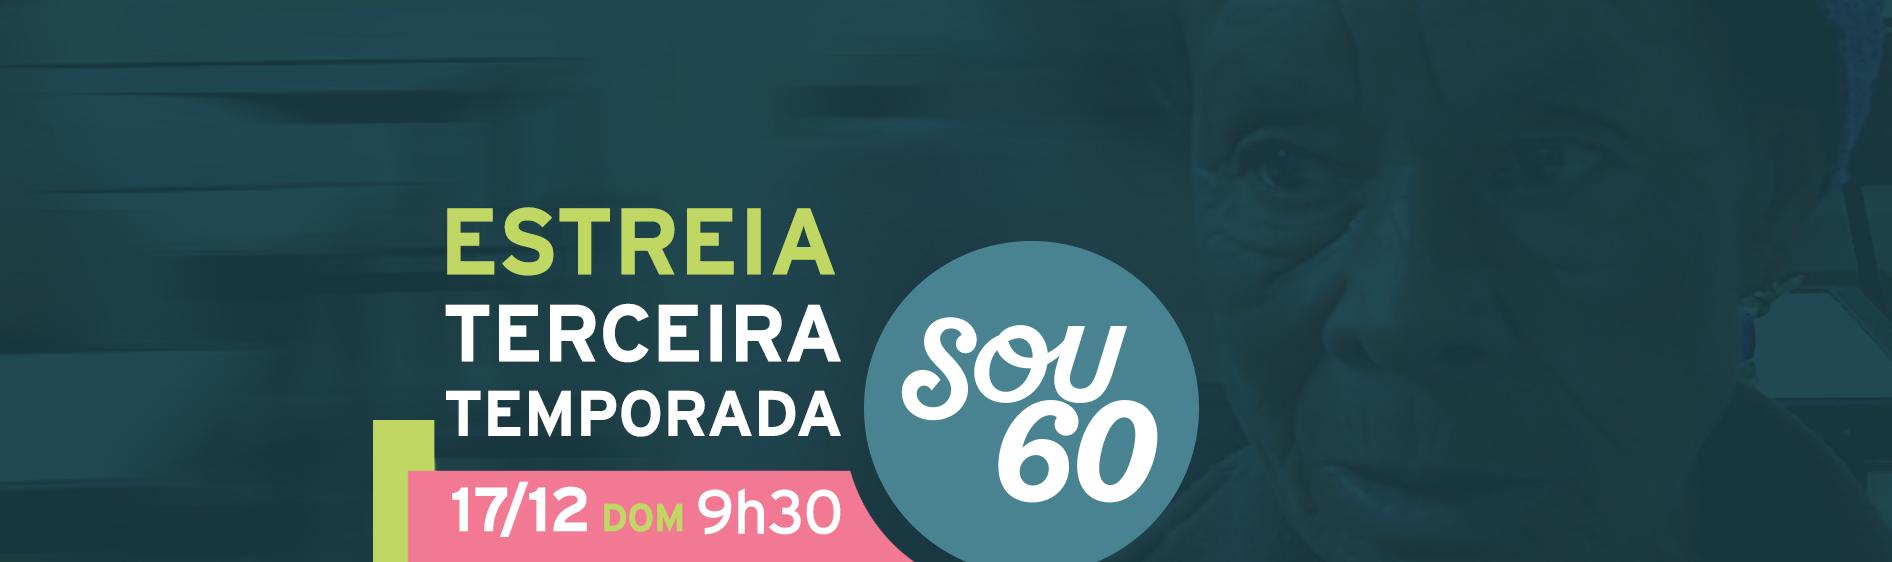 estreiaSou60